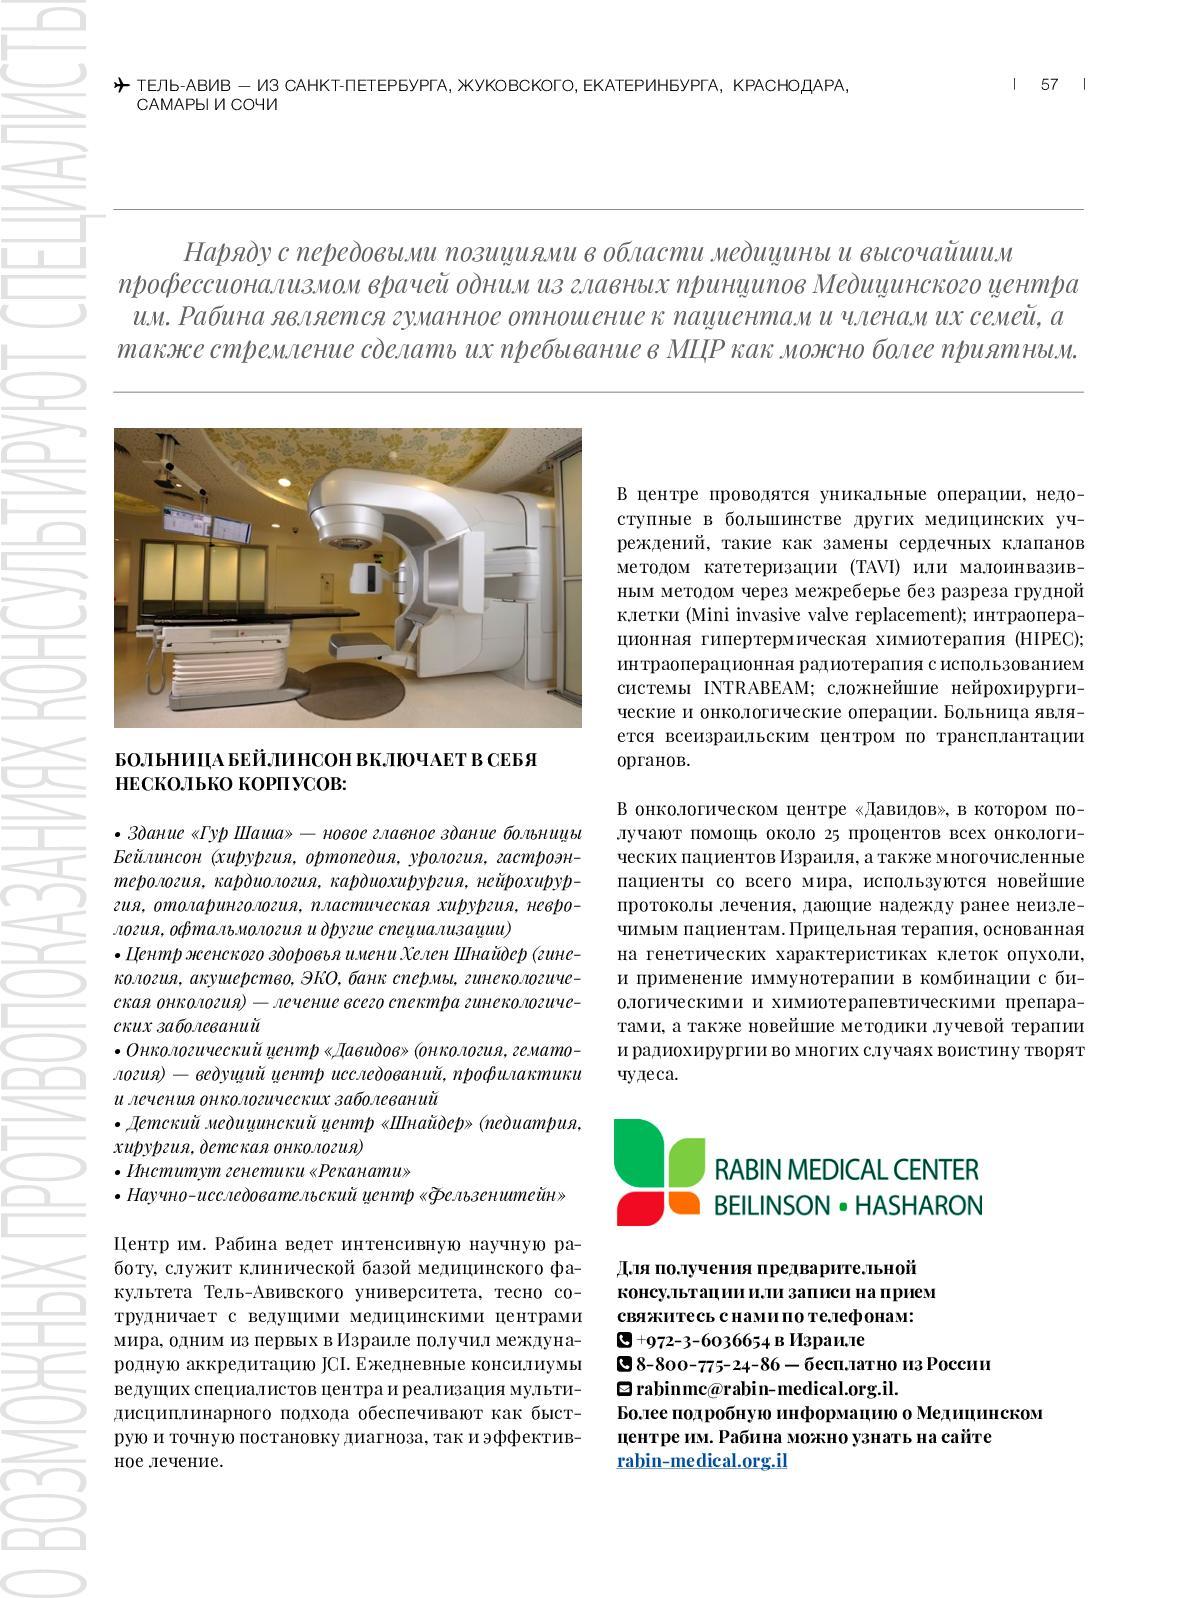 Где получить медицинскую книжку в Жуковске бесплатно